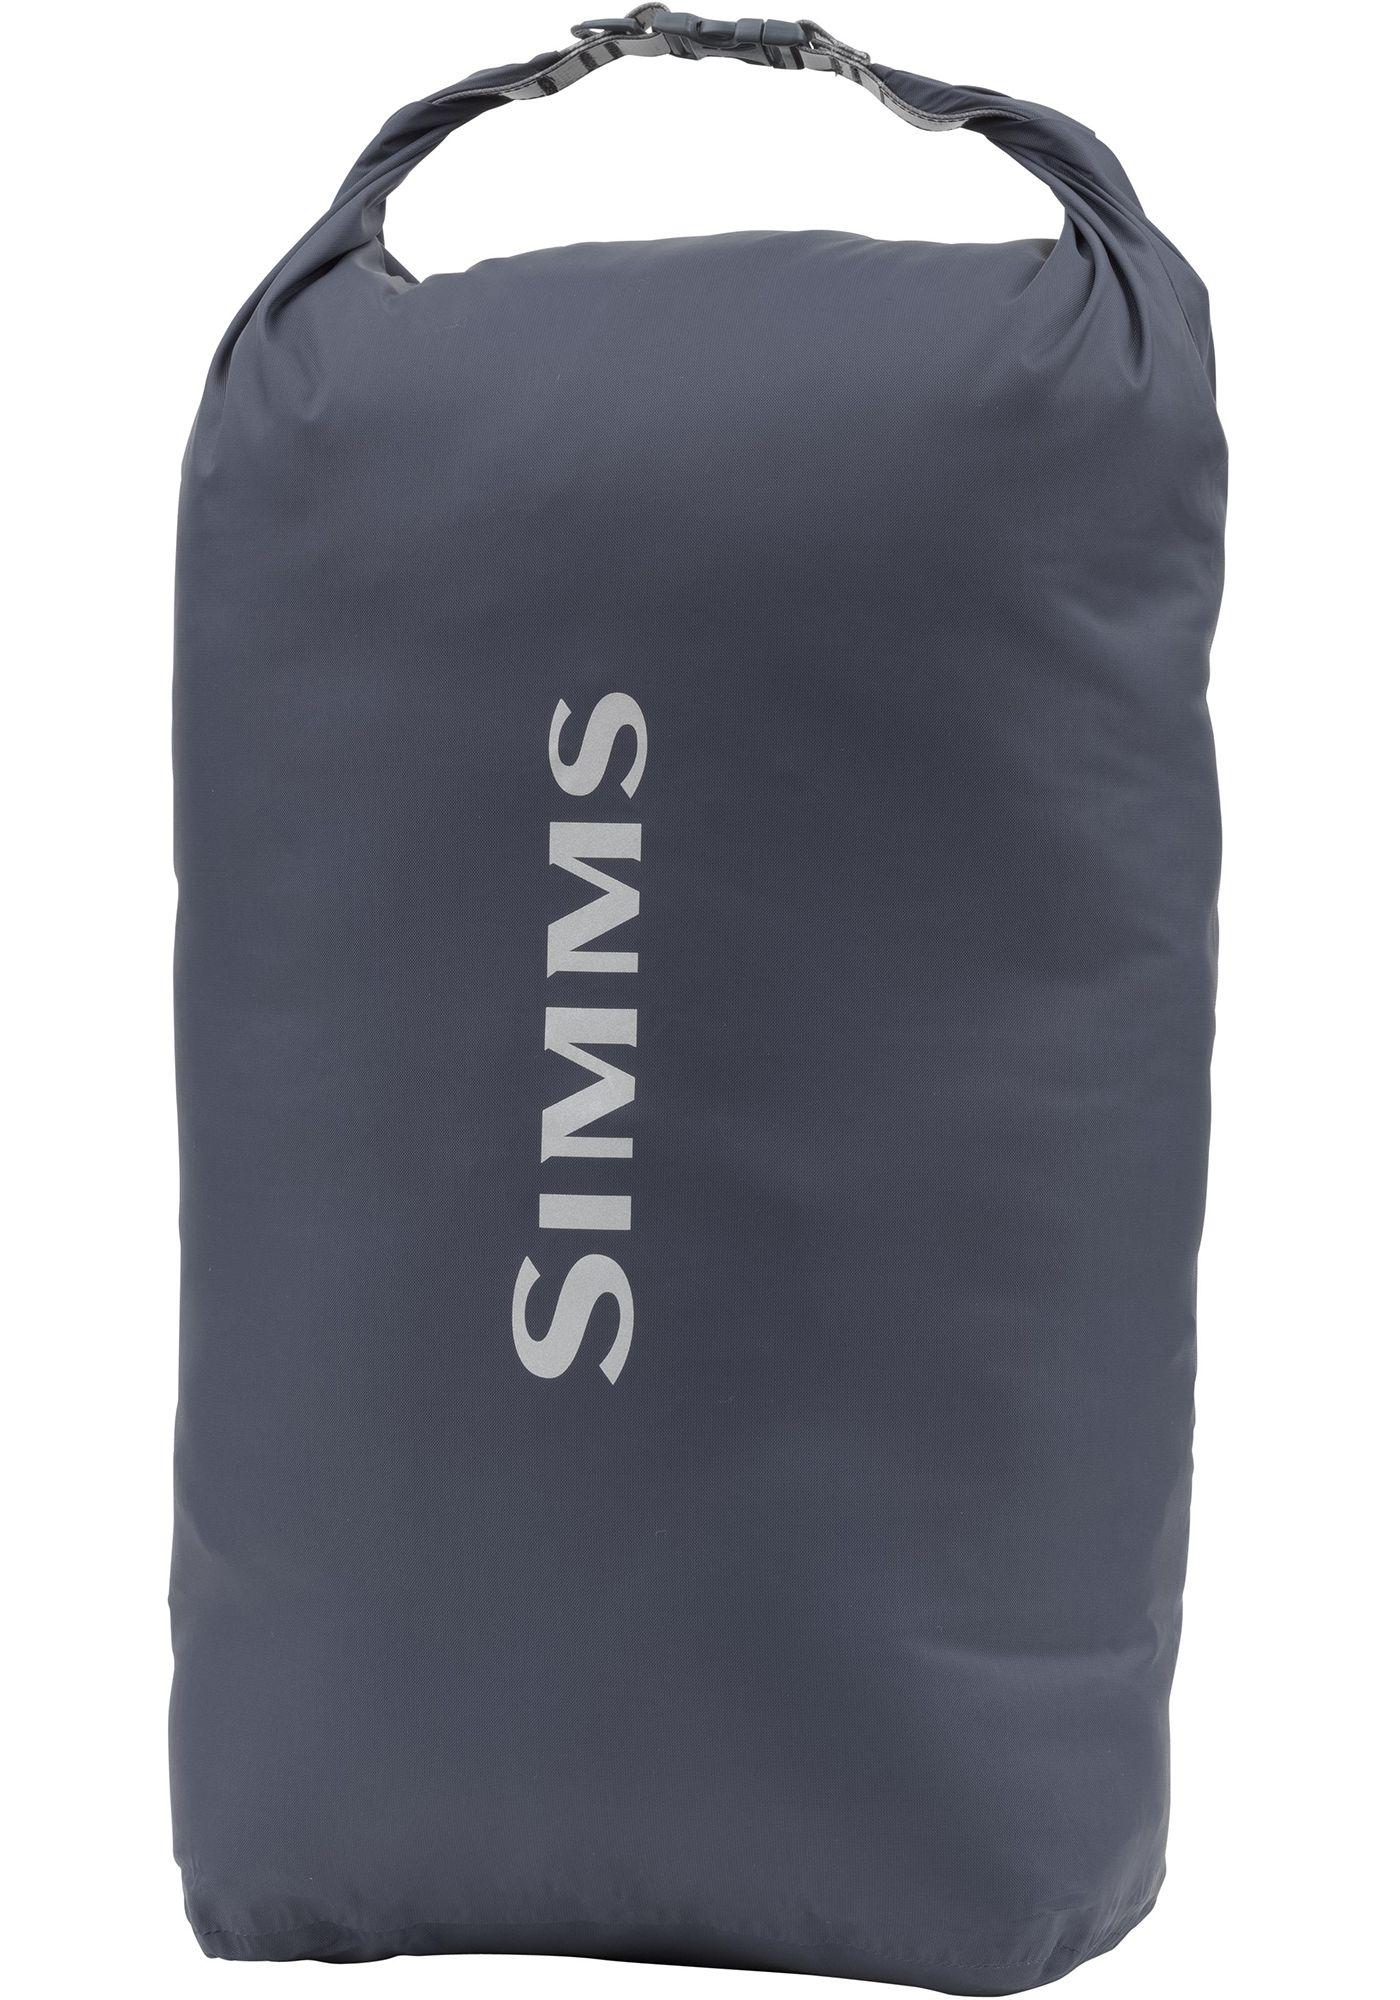 Simms Dry Creek Dry Bag – Large